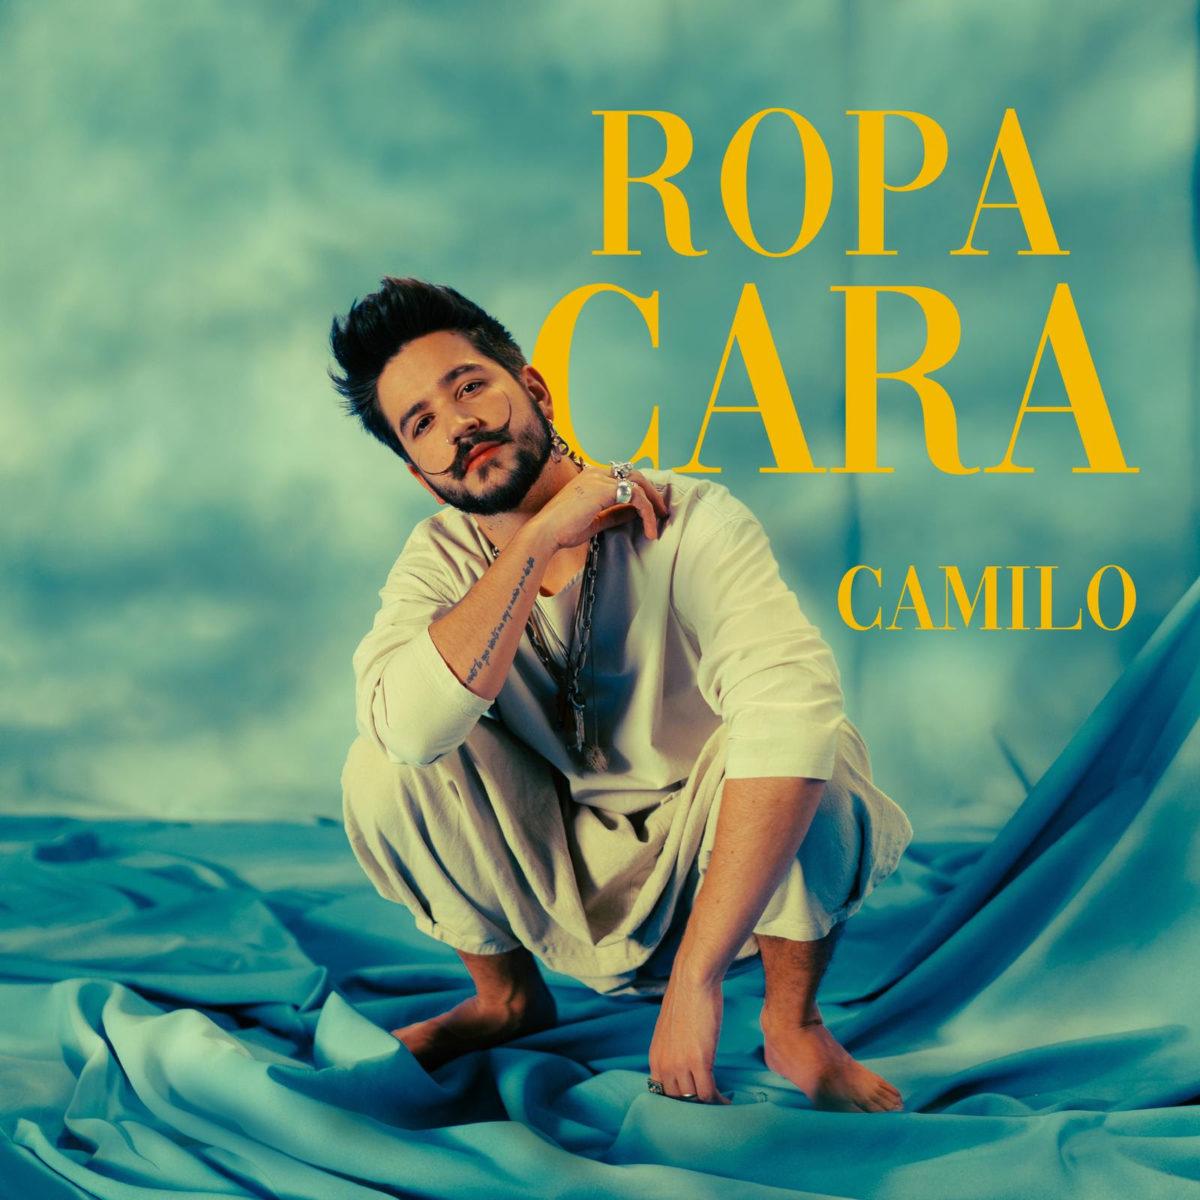 """Camilo lanza hoy su nuevo sencillo y video """"ROPA CARA"""" – @CamiloMusica"""